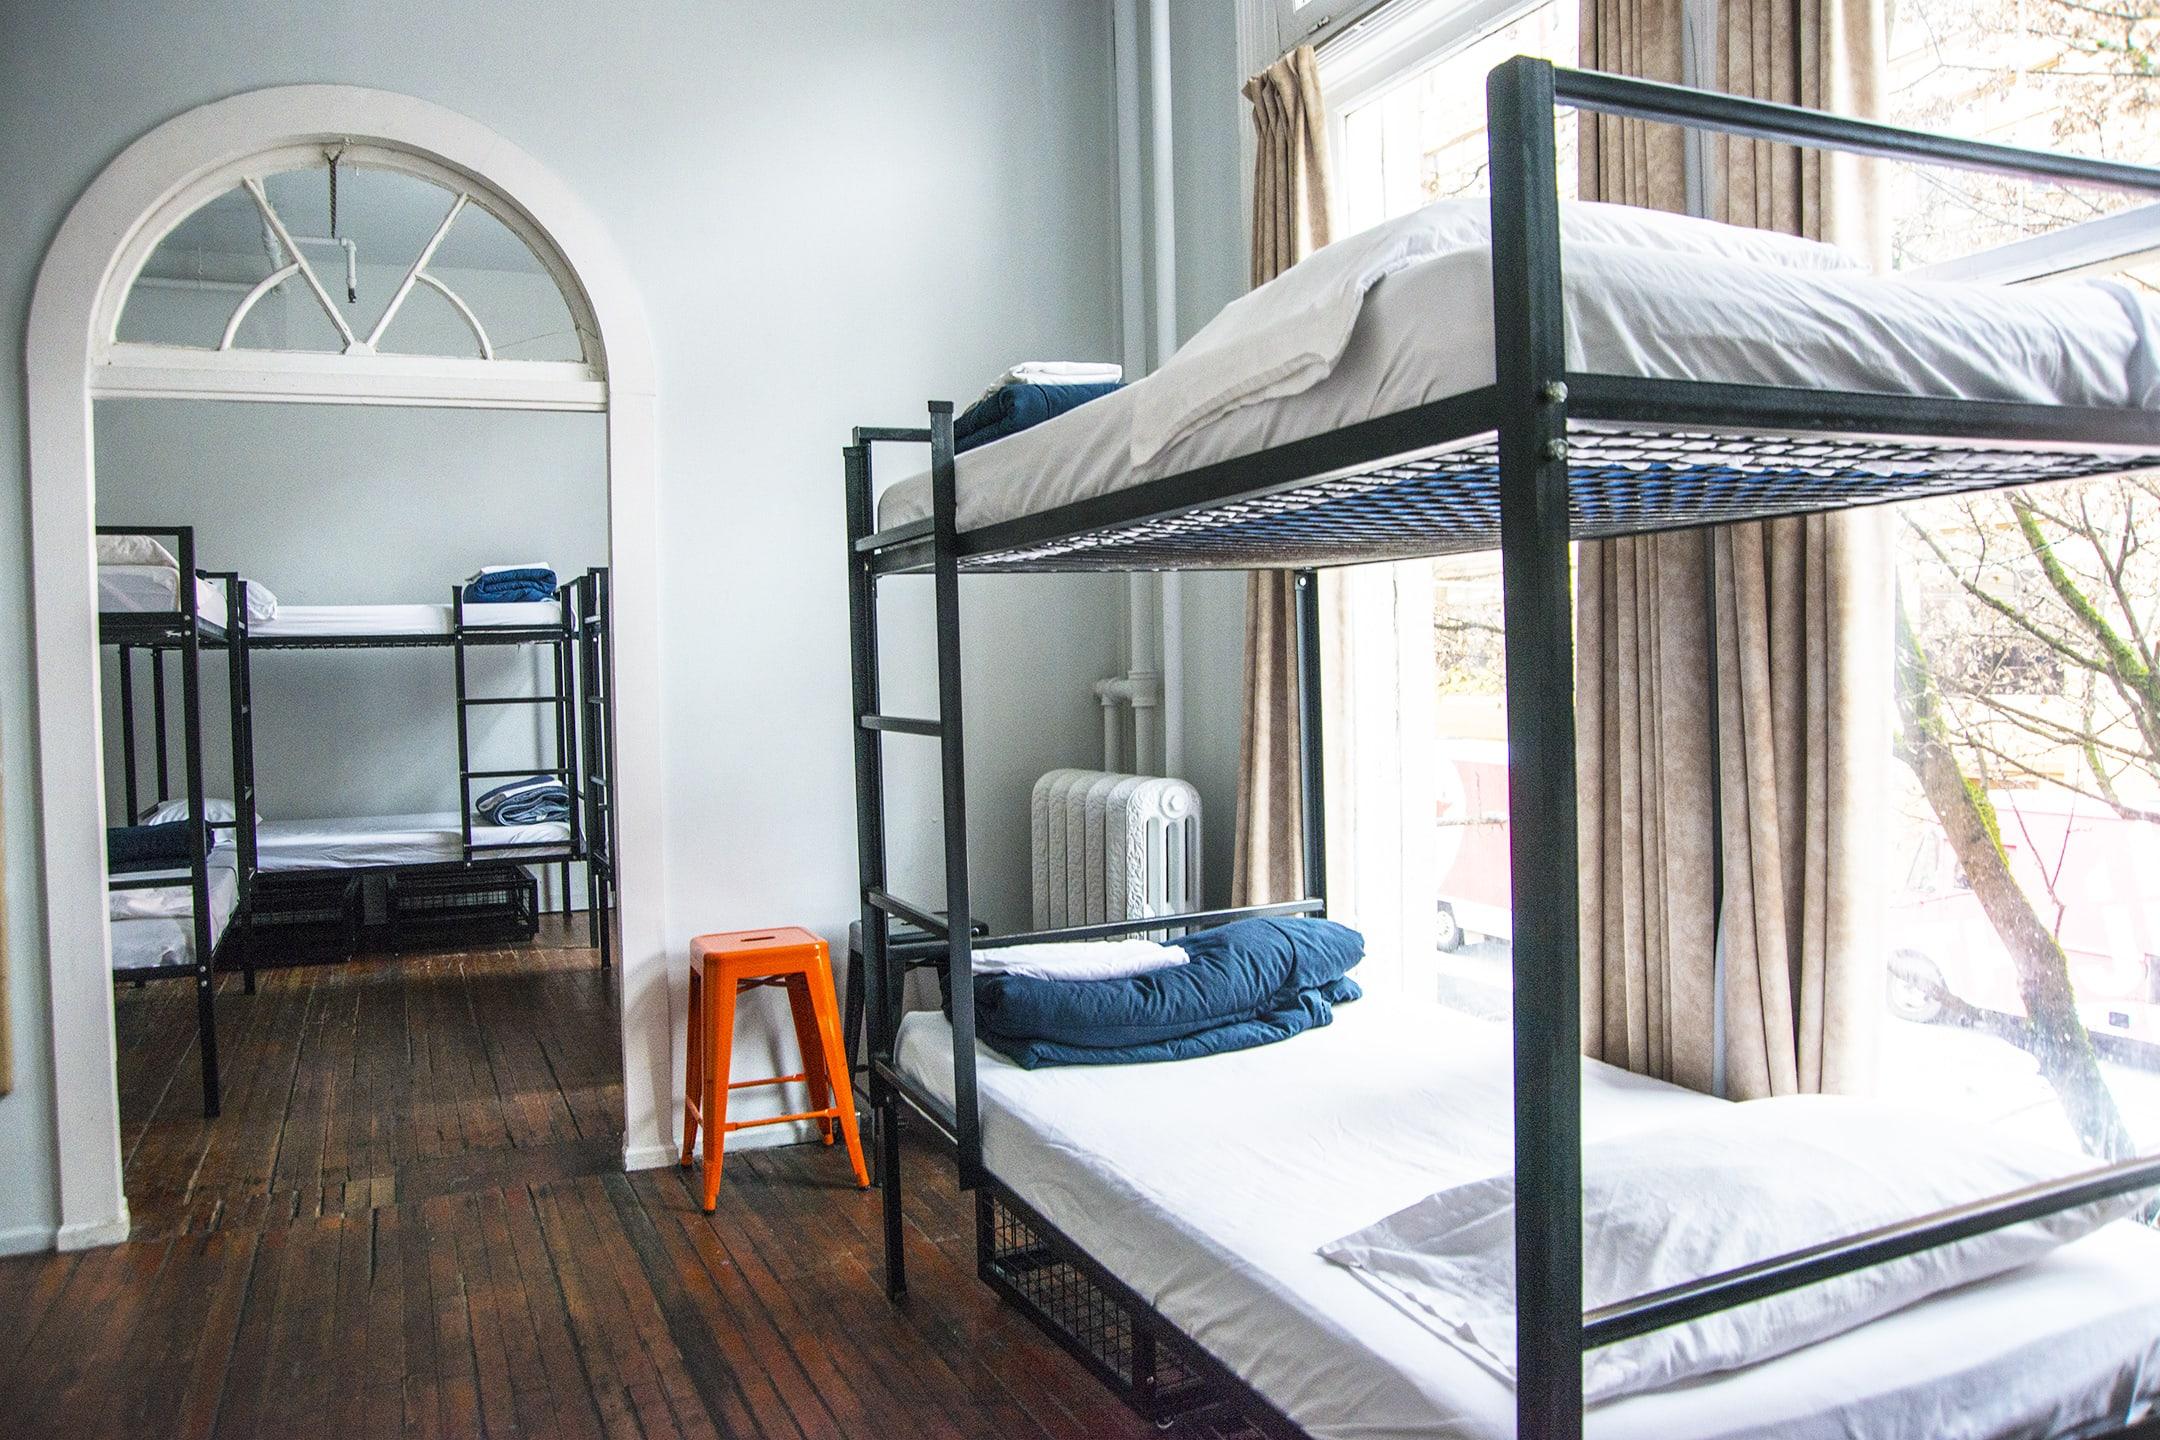 Cambie Hostel - Gastown